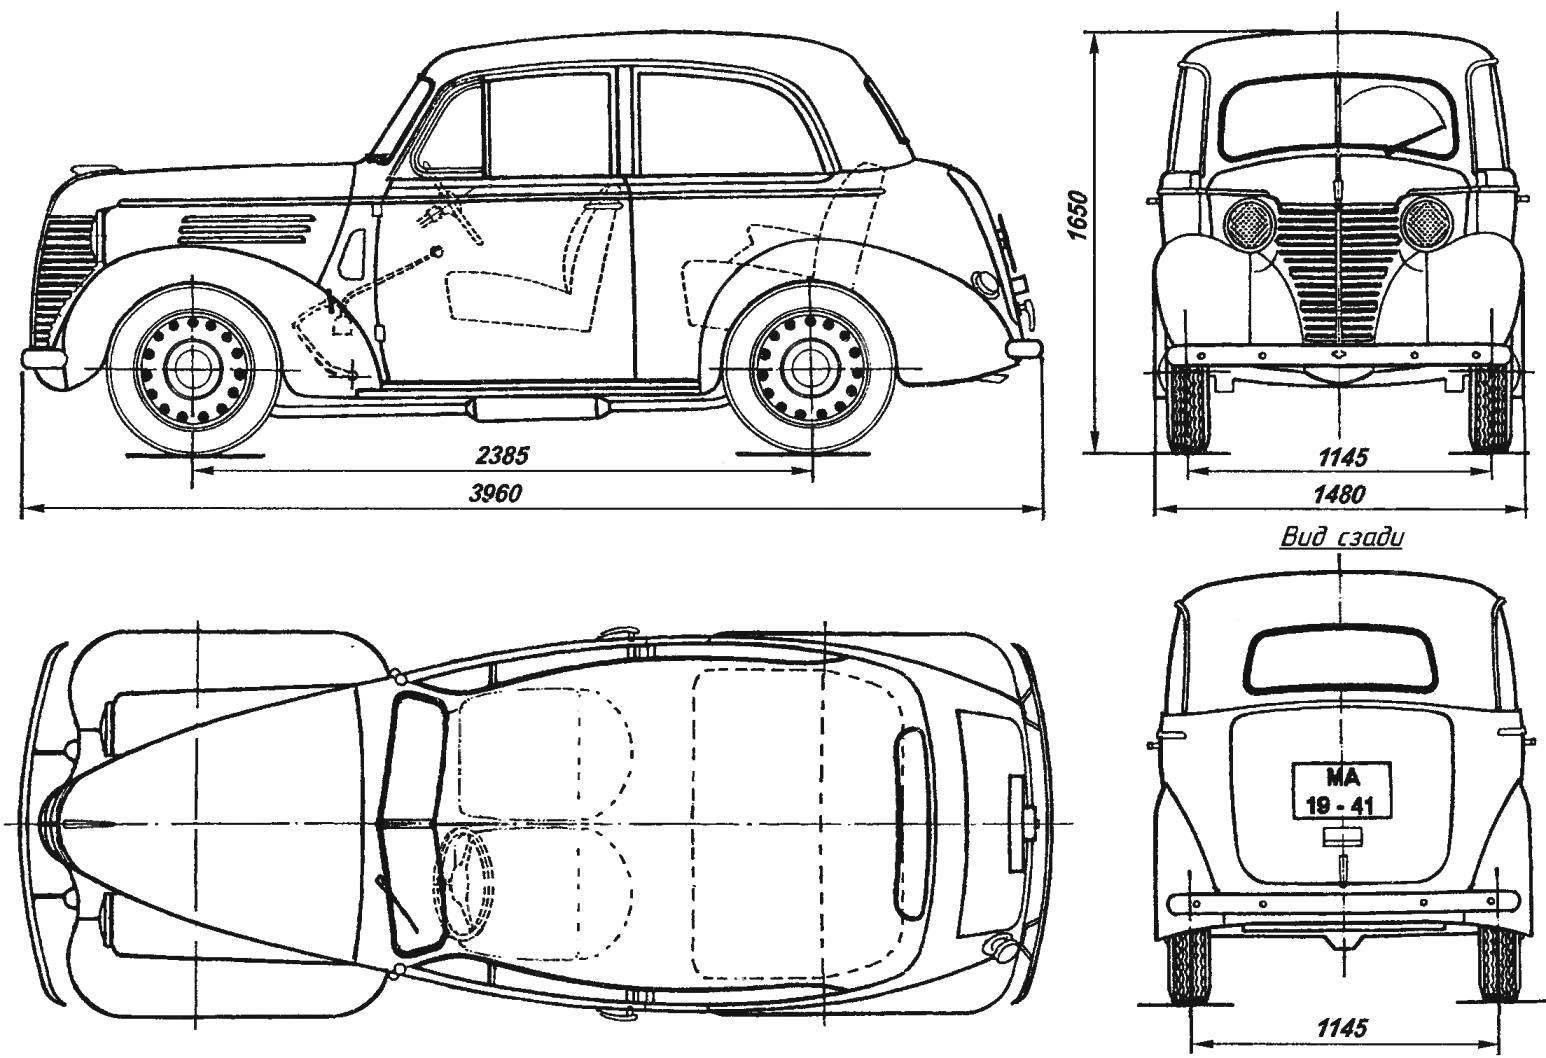 Геометрическая схема малолитражного автомобили КИМ-10-50